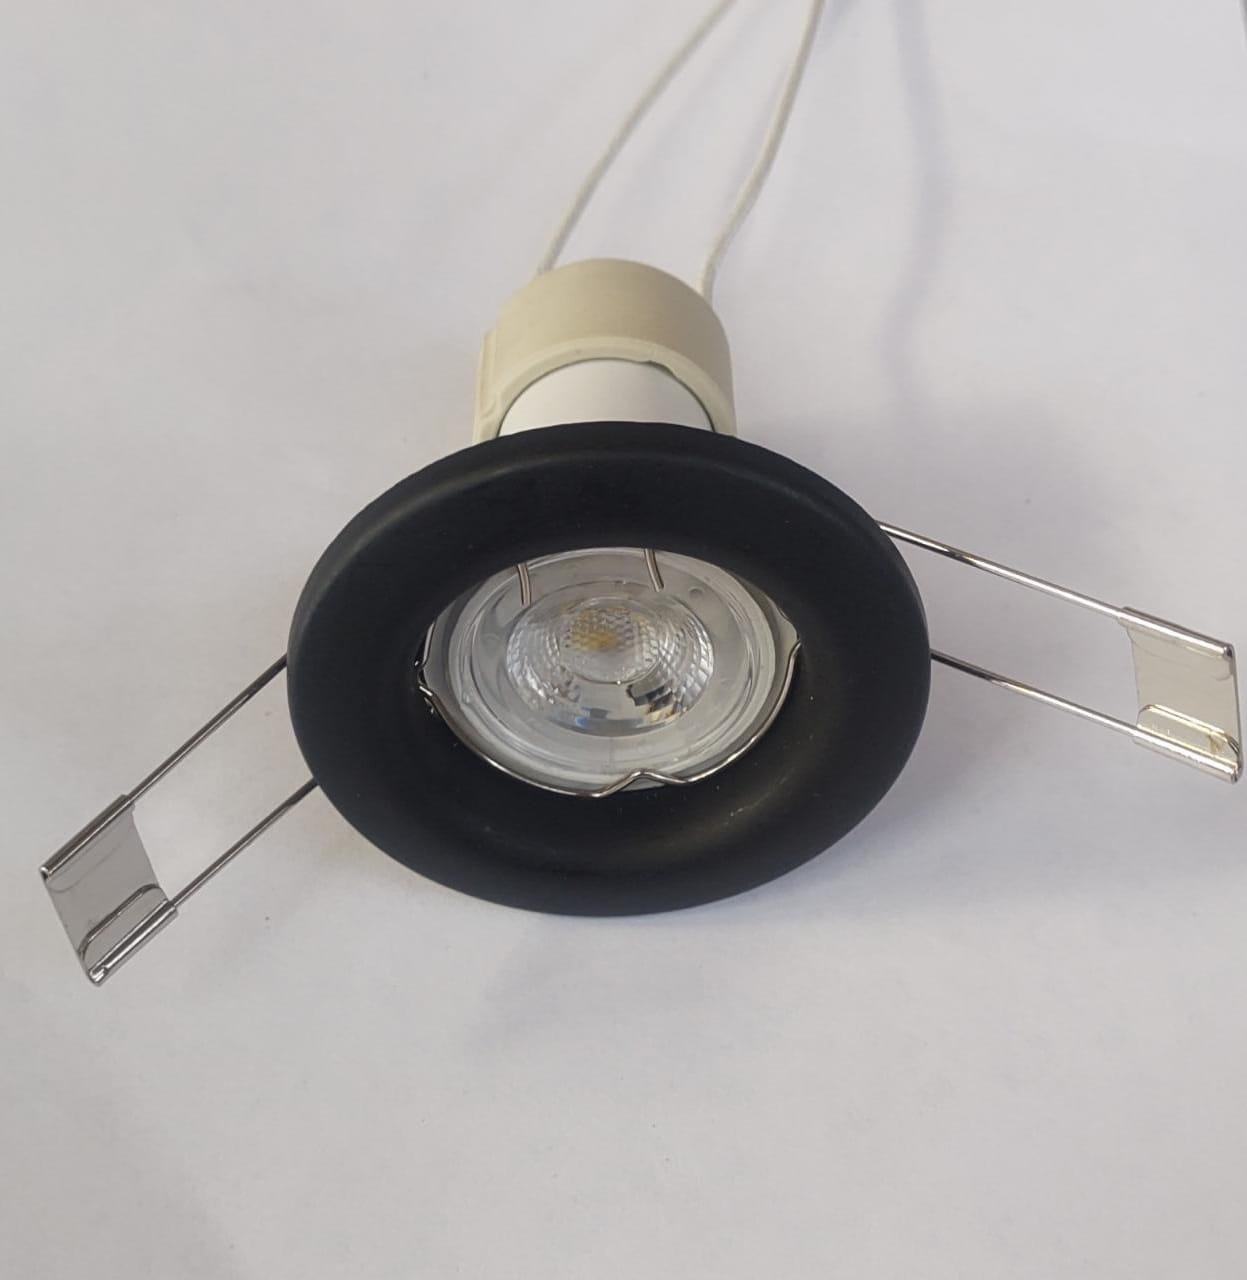 MINI SPOT DE EMBUTIR PRETO COM LED 3W